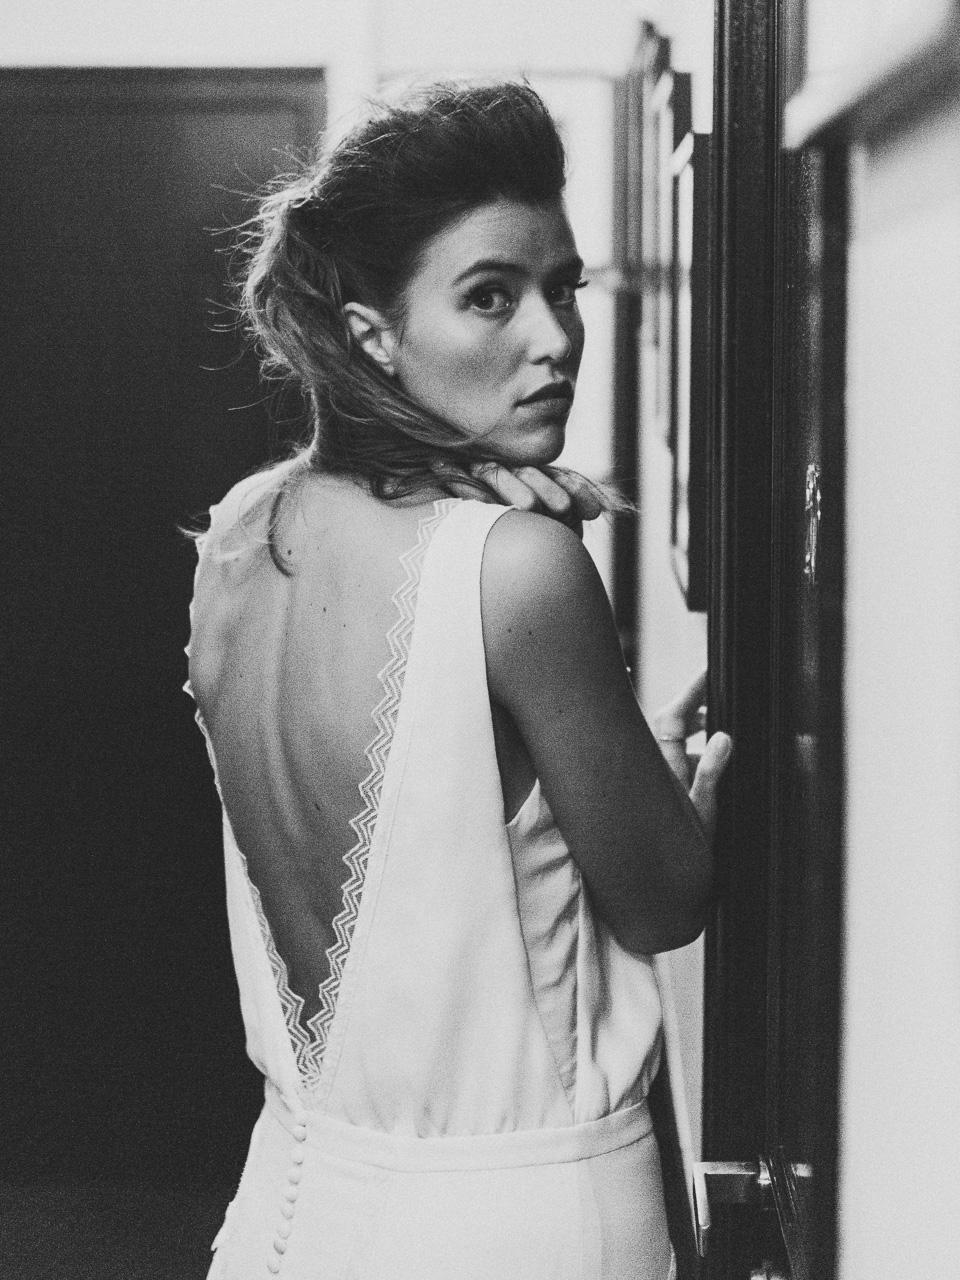 0128_Sophie-Sarfati-Lifestories-Yann-Audic_MK3_2614.jpg